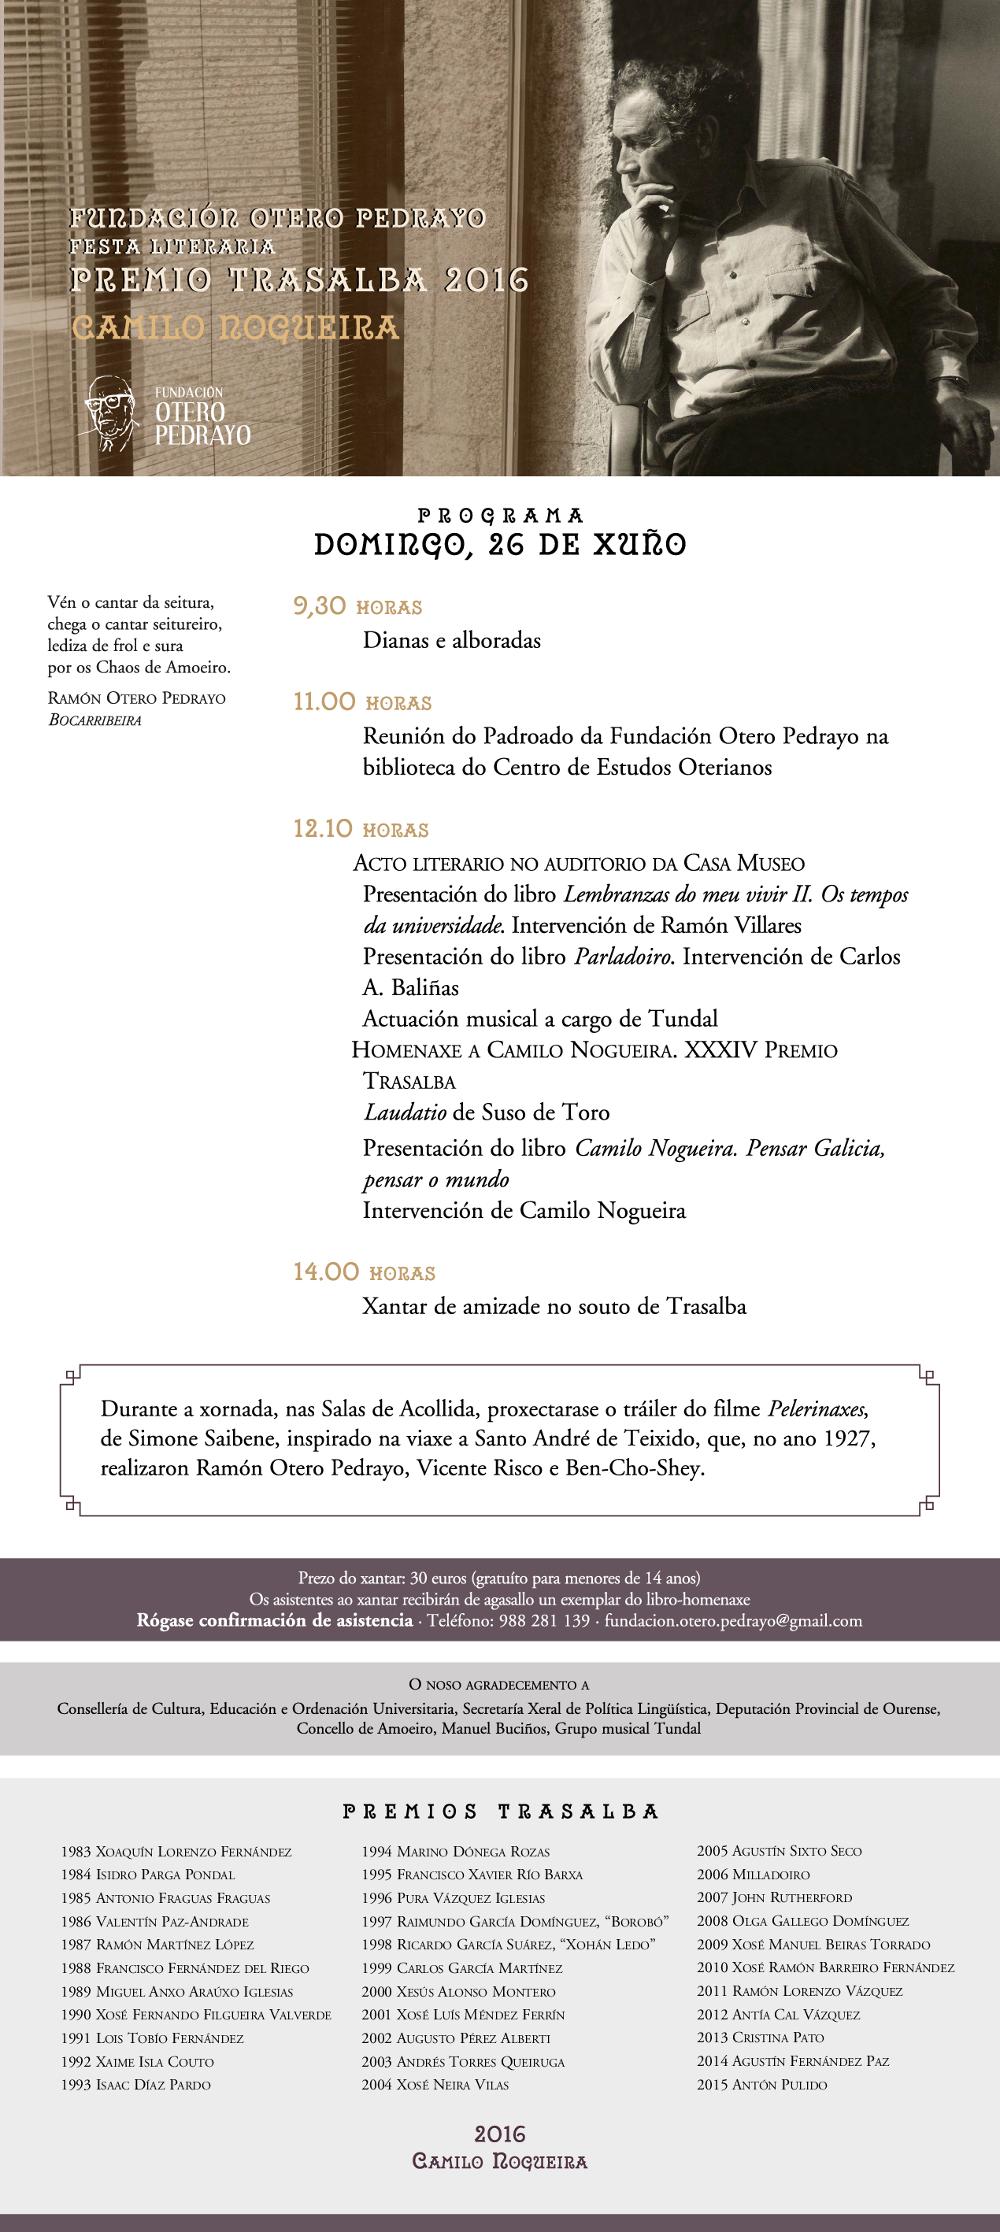 INVITACI_N_Premio_Trasalba_2016_